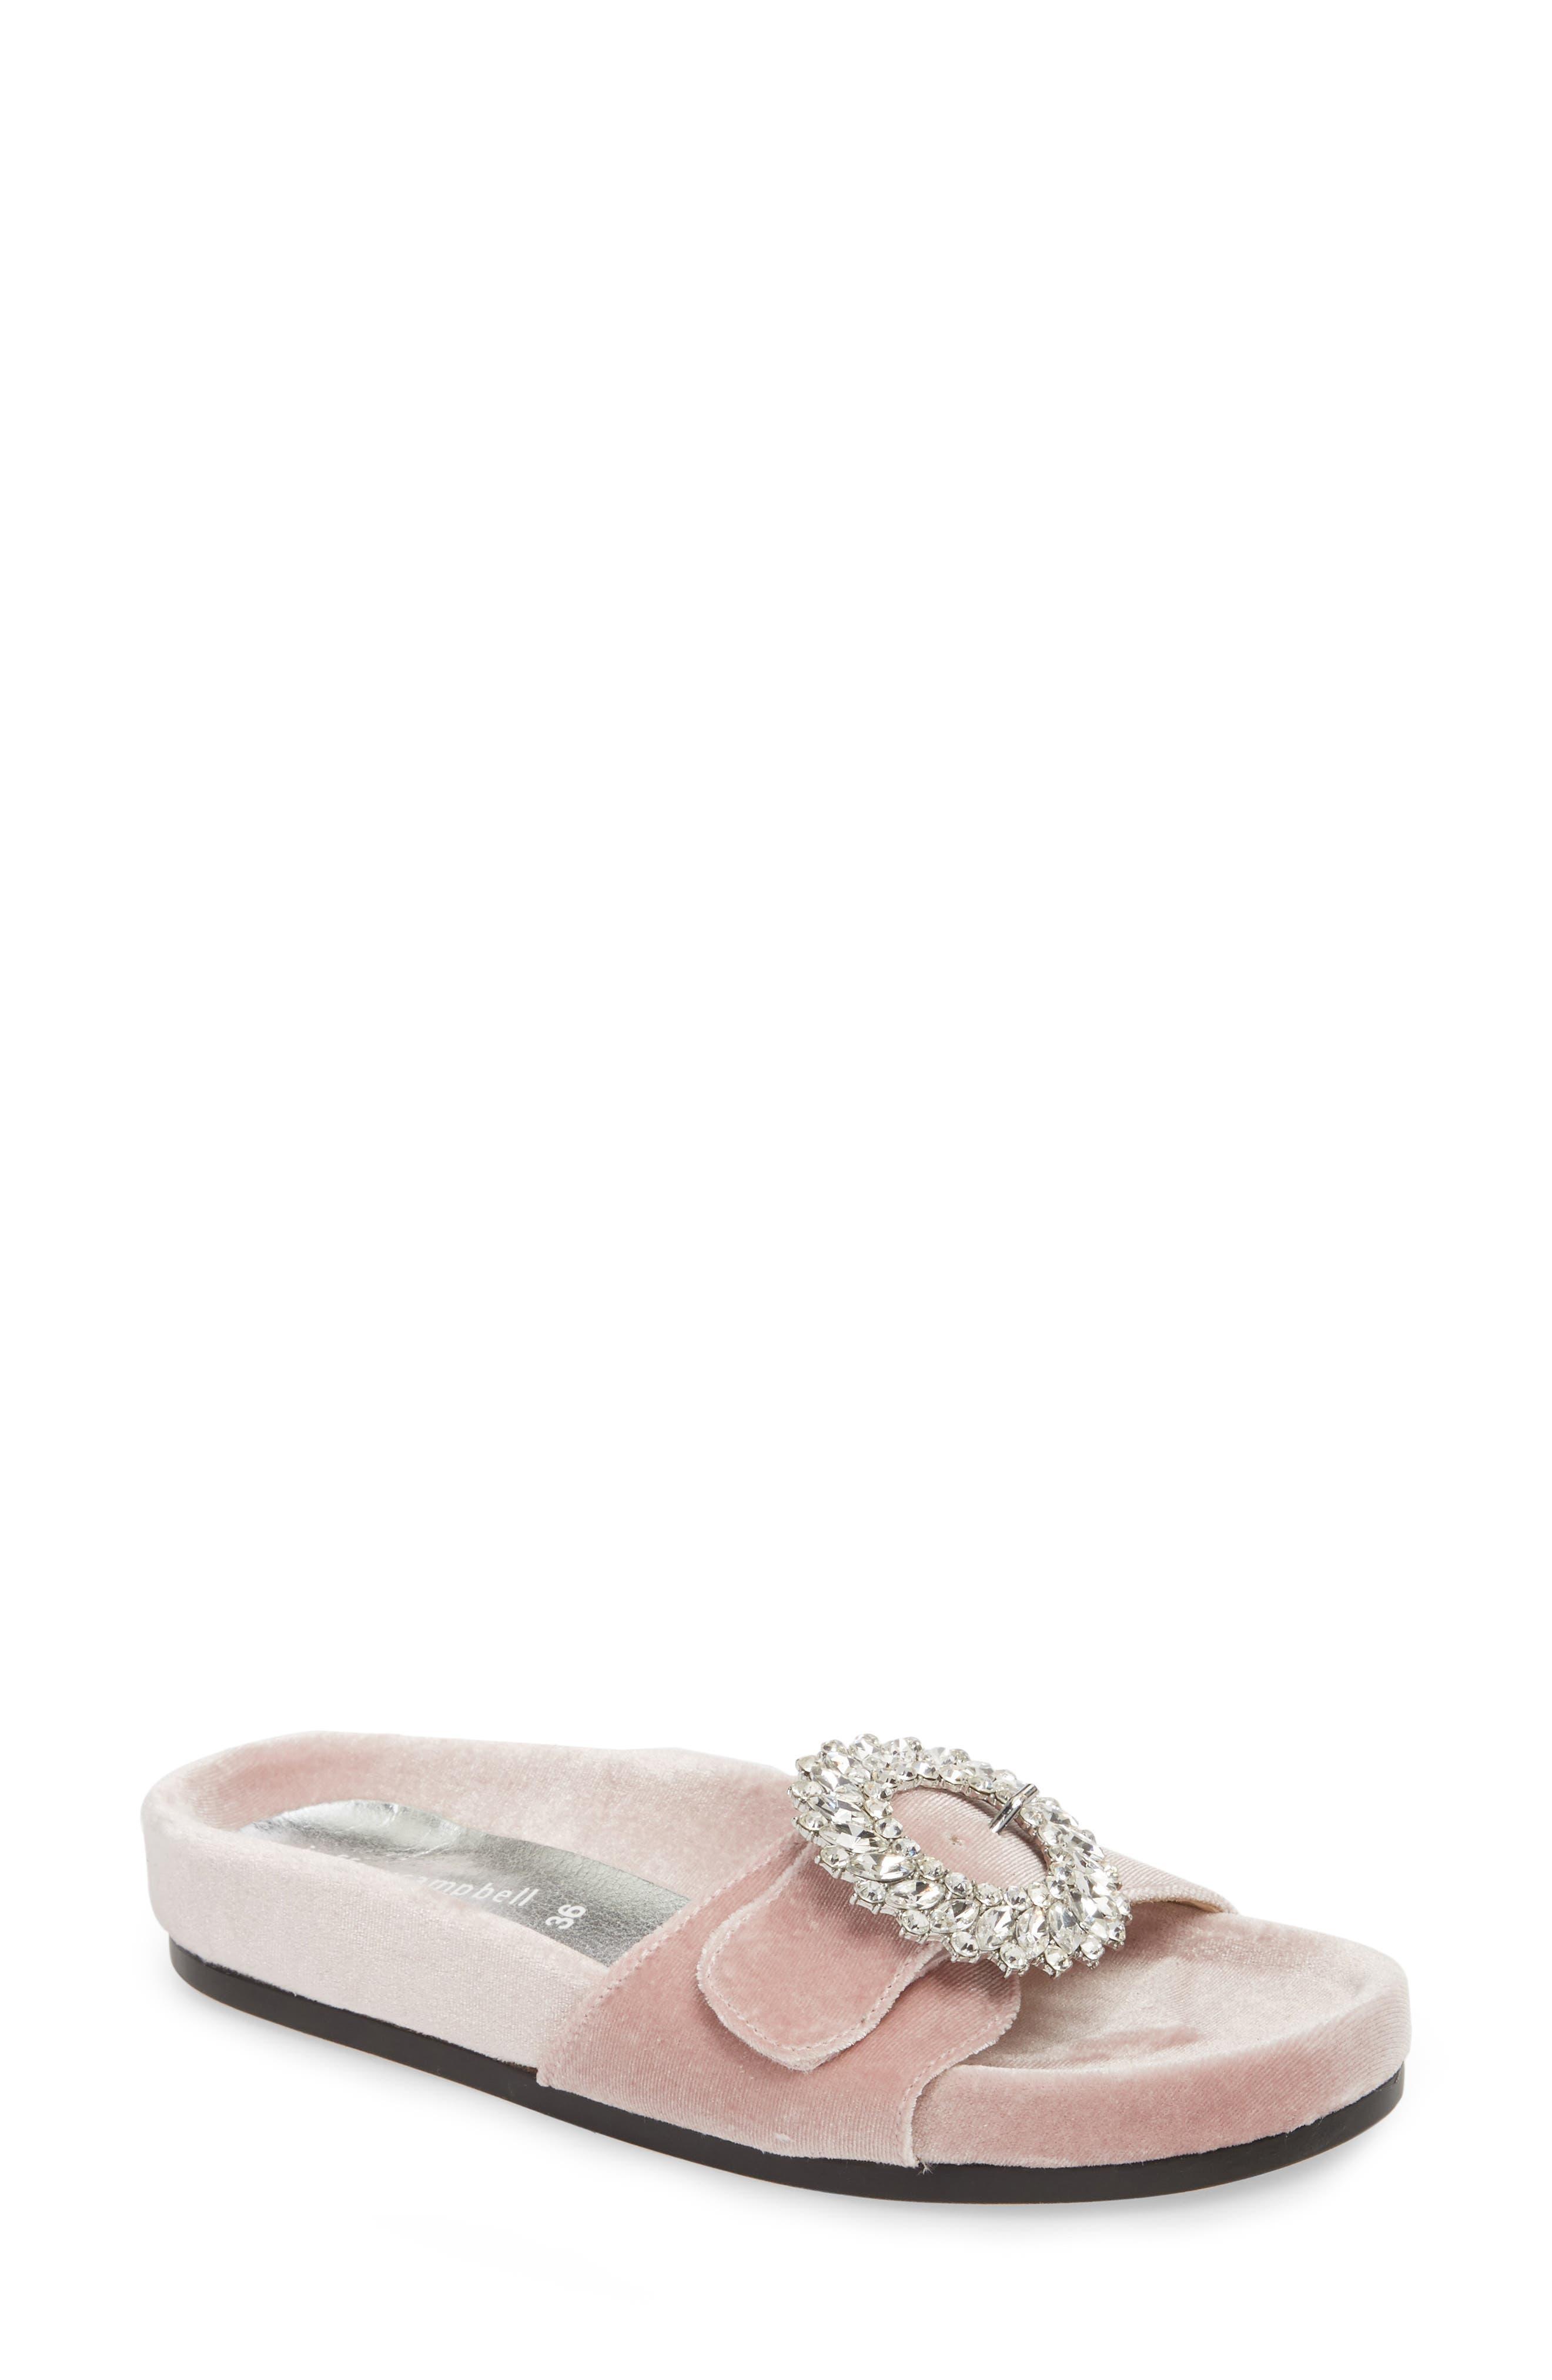 Upolu Embellished Slide Sandal,                         Main,                         color, Blush Velvet/ Silver